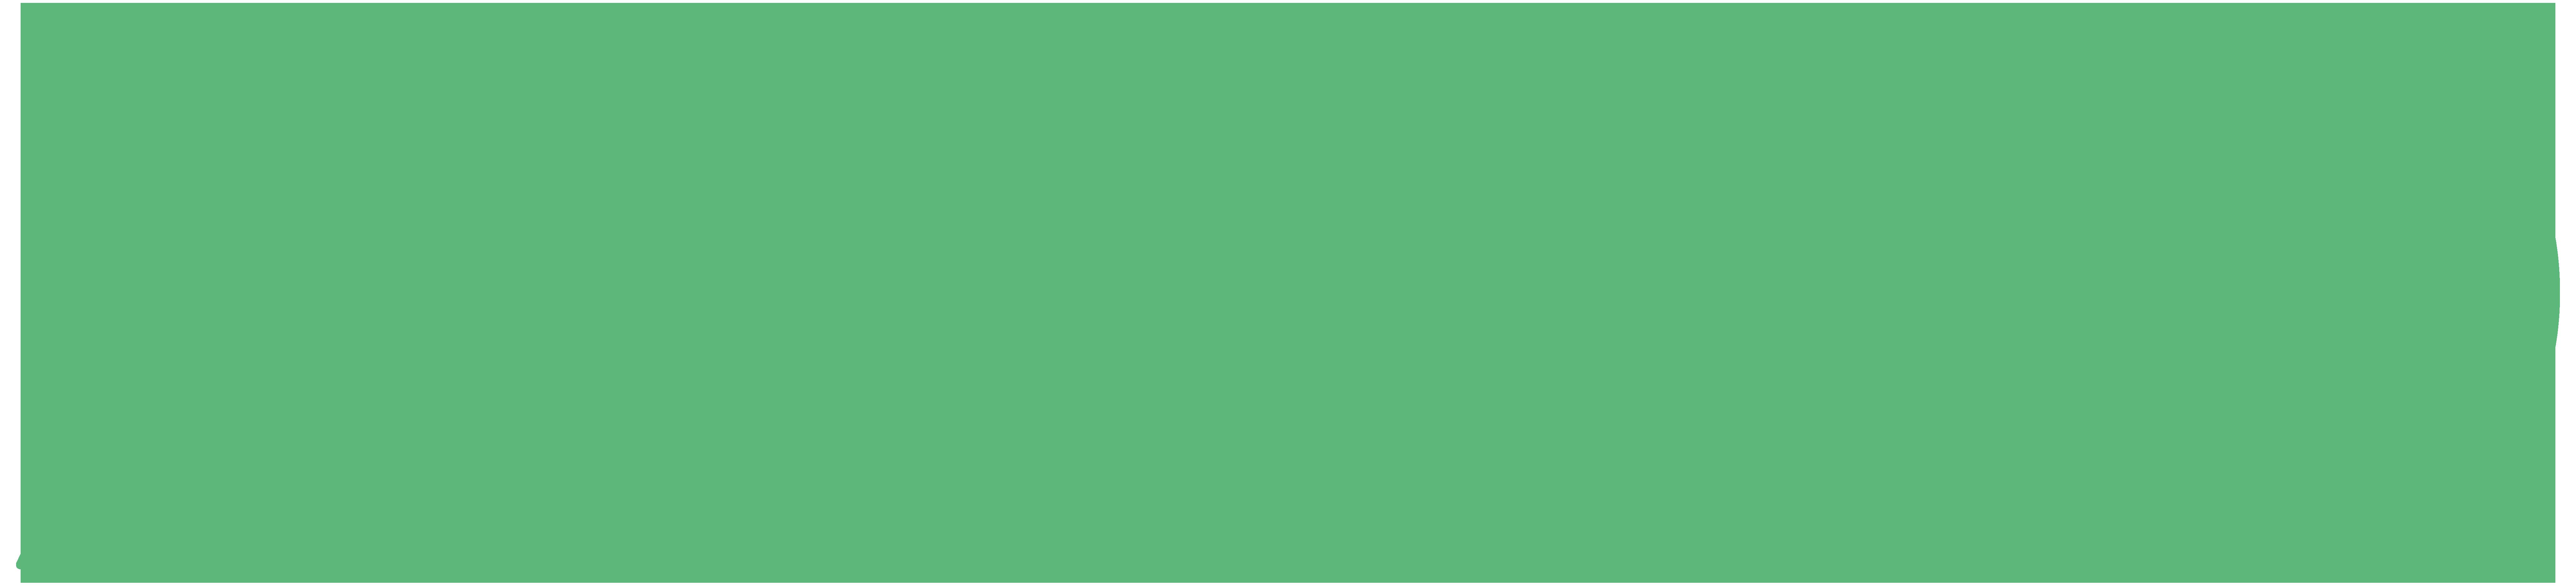 Avario / co MPS logo